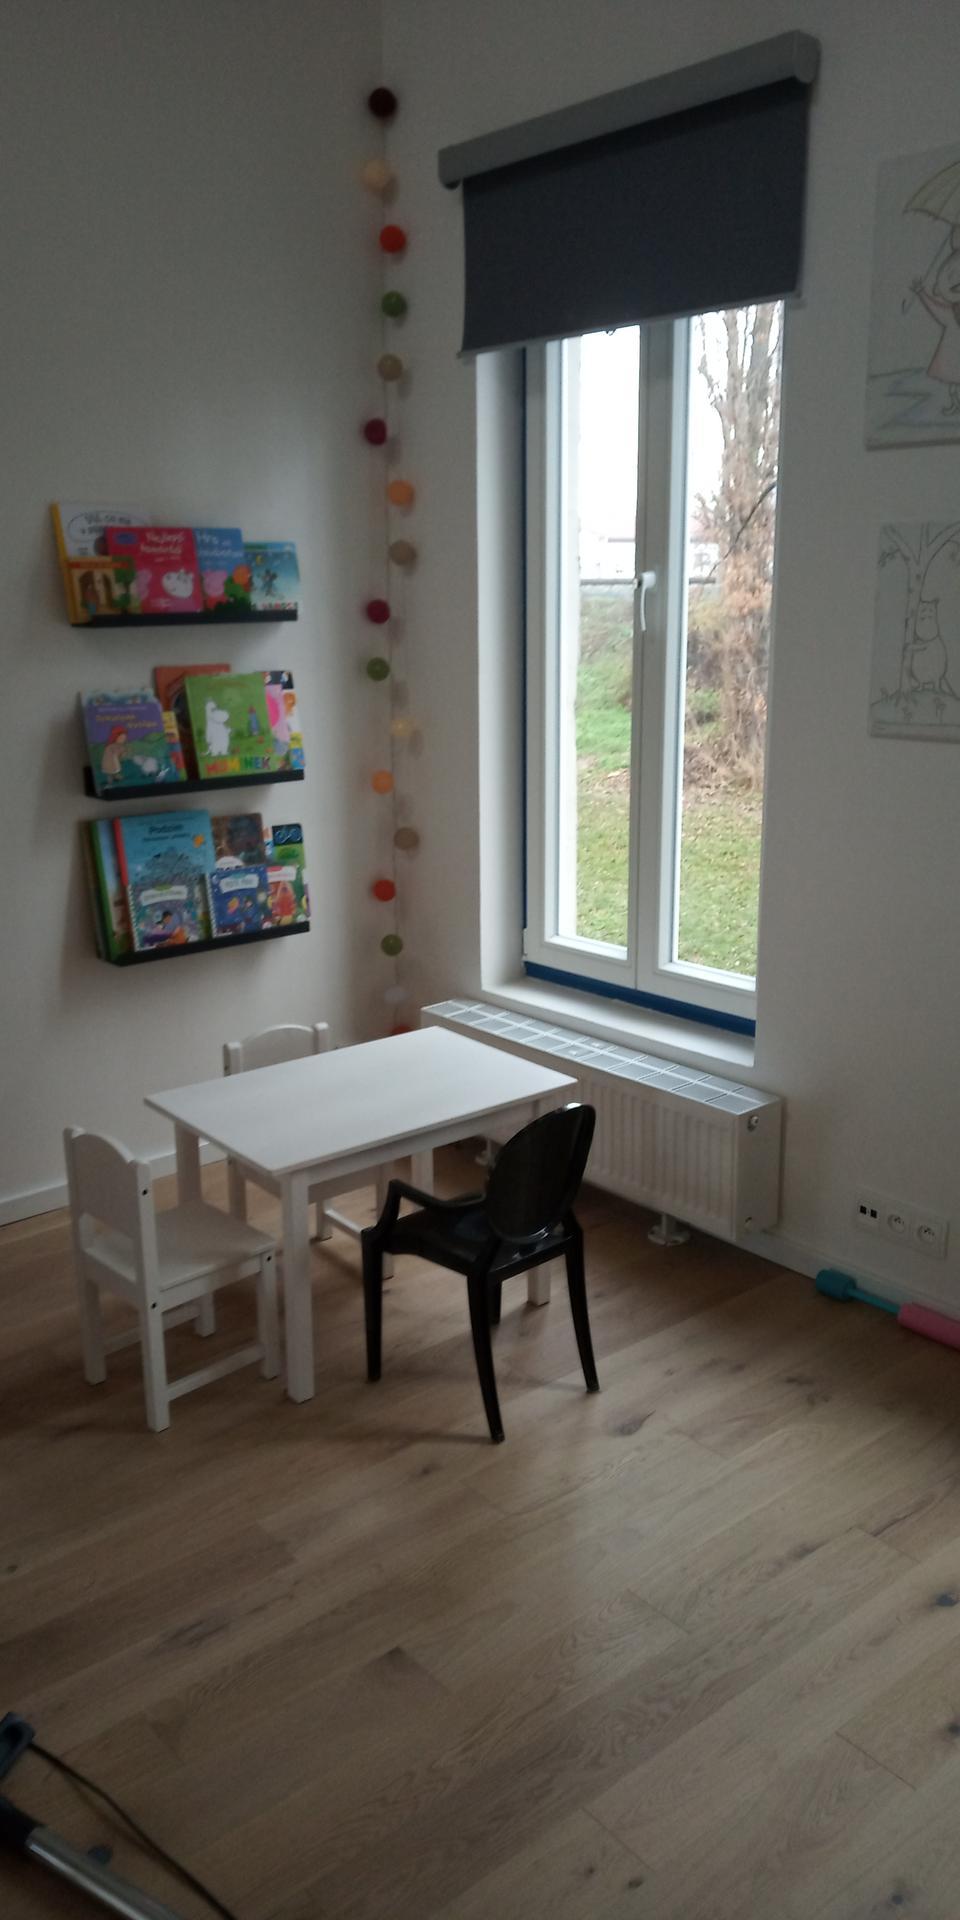 Ruina 2 - První hotové kousky dětského pokoje.